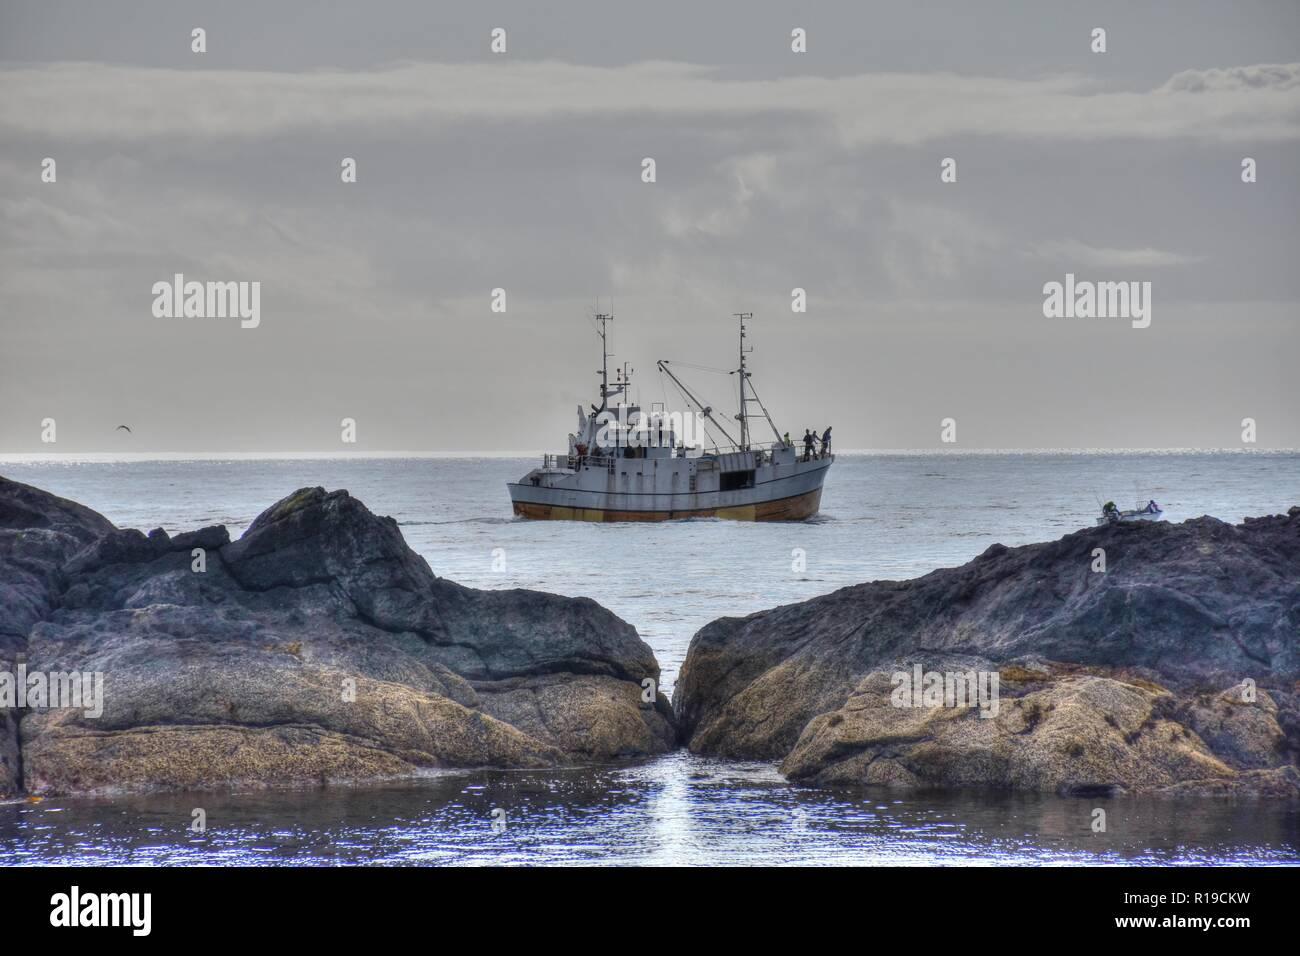 Flakstad, Flakstadøya, Nesland, Fischerdorf, felsküste, verlassen, Hafen, Dorf, Hafenbecken, Rorbu, Ferien, Hütte, Steg, Bucht, Fjord, Vestfjorden, - Stock Image